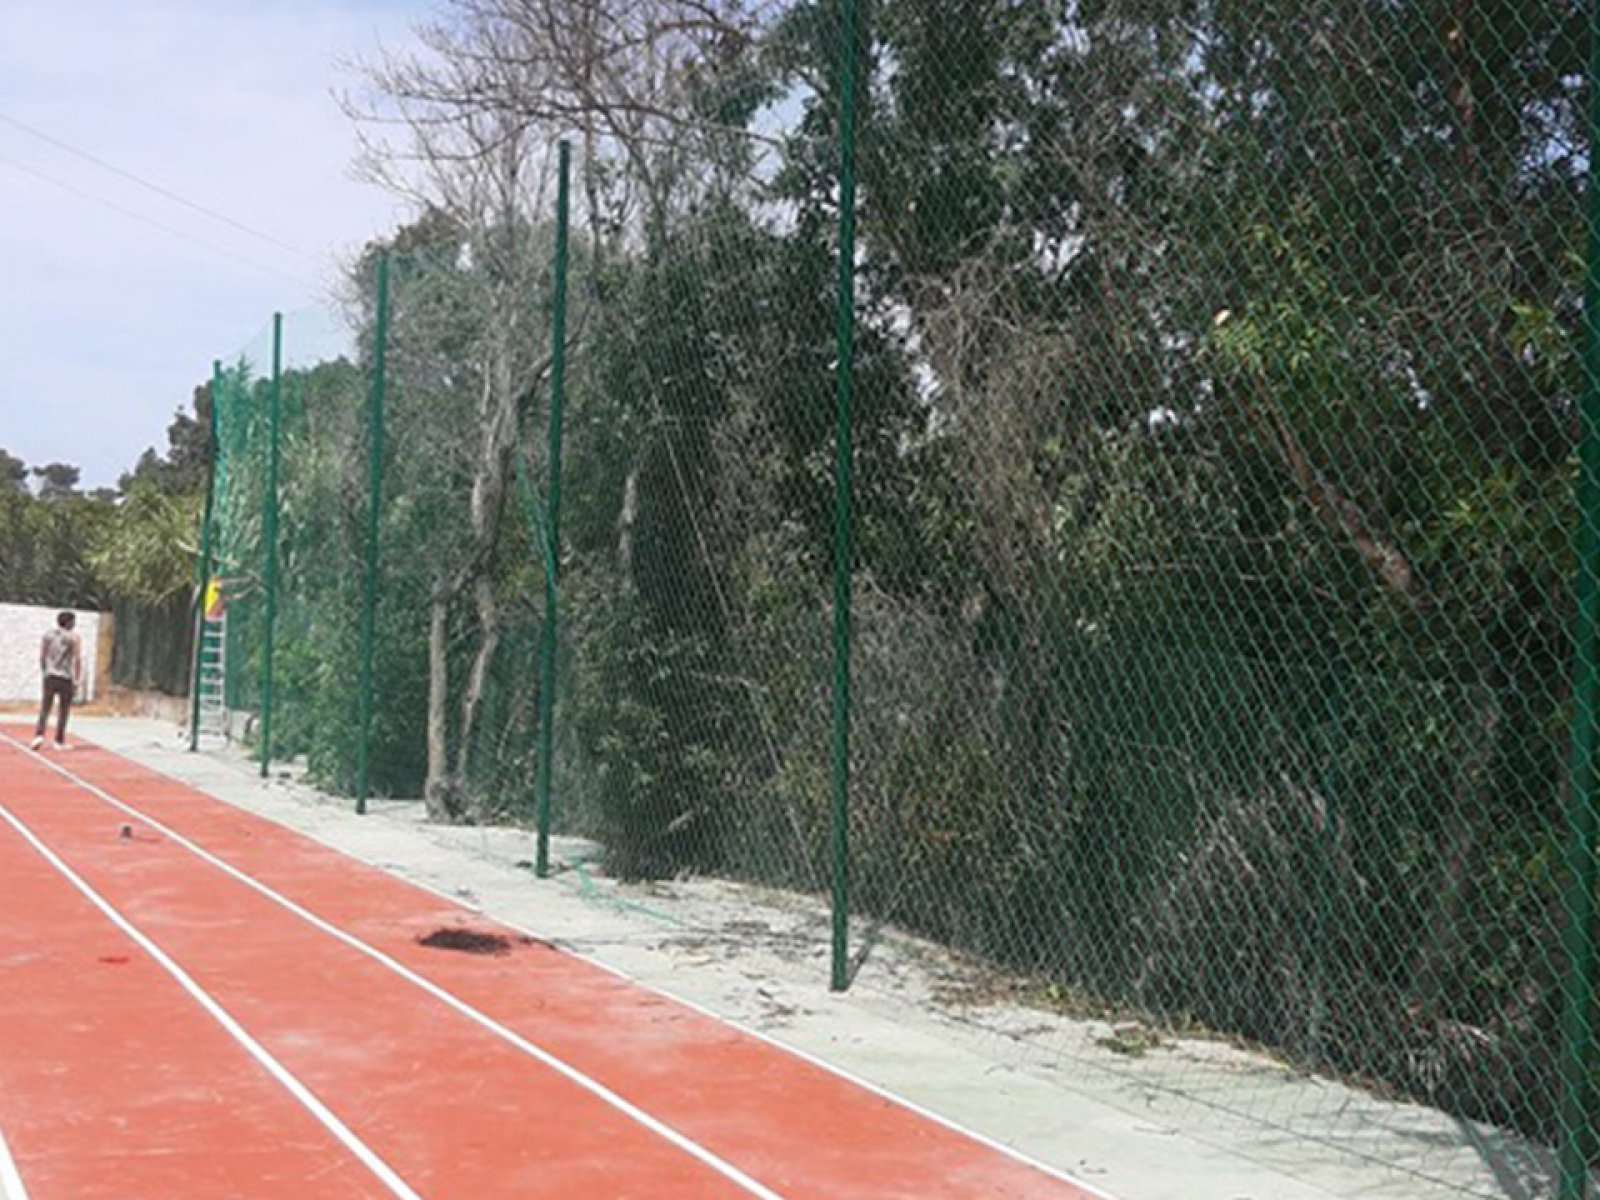 Rede de Proteção para desportos com grande resistência e durabilidade